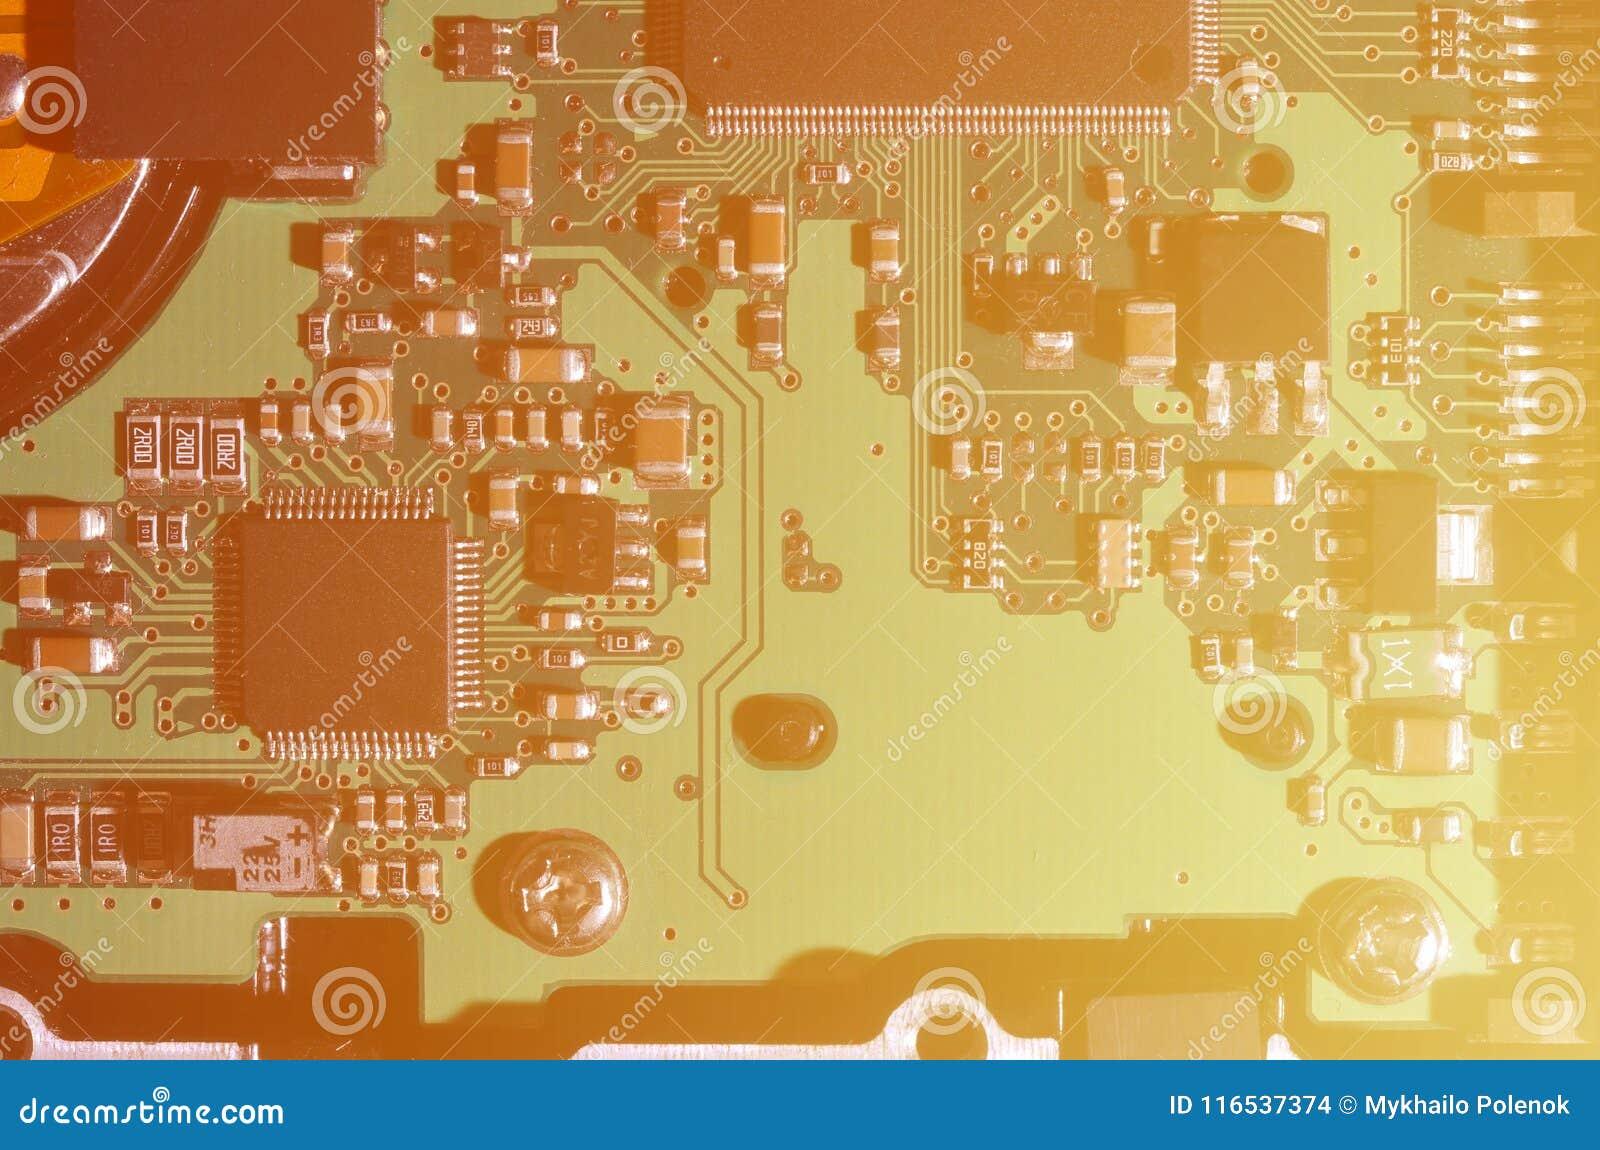 Ein getontes Makrobild eines Computerbrettes mit vielen kleinen technologischen Elementen Extrem flache Schärfentiefe Abstraktes